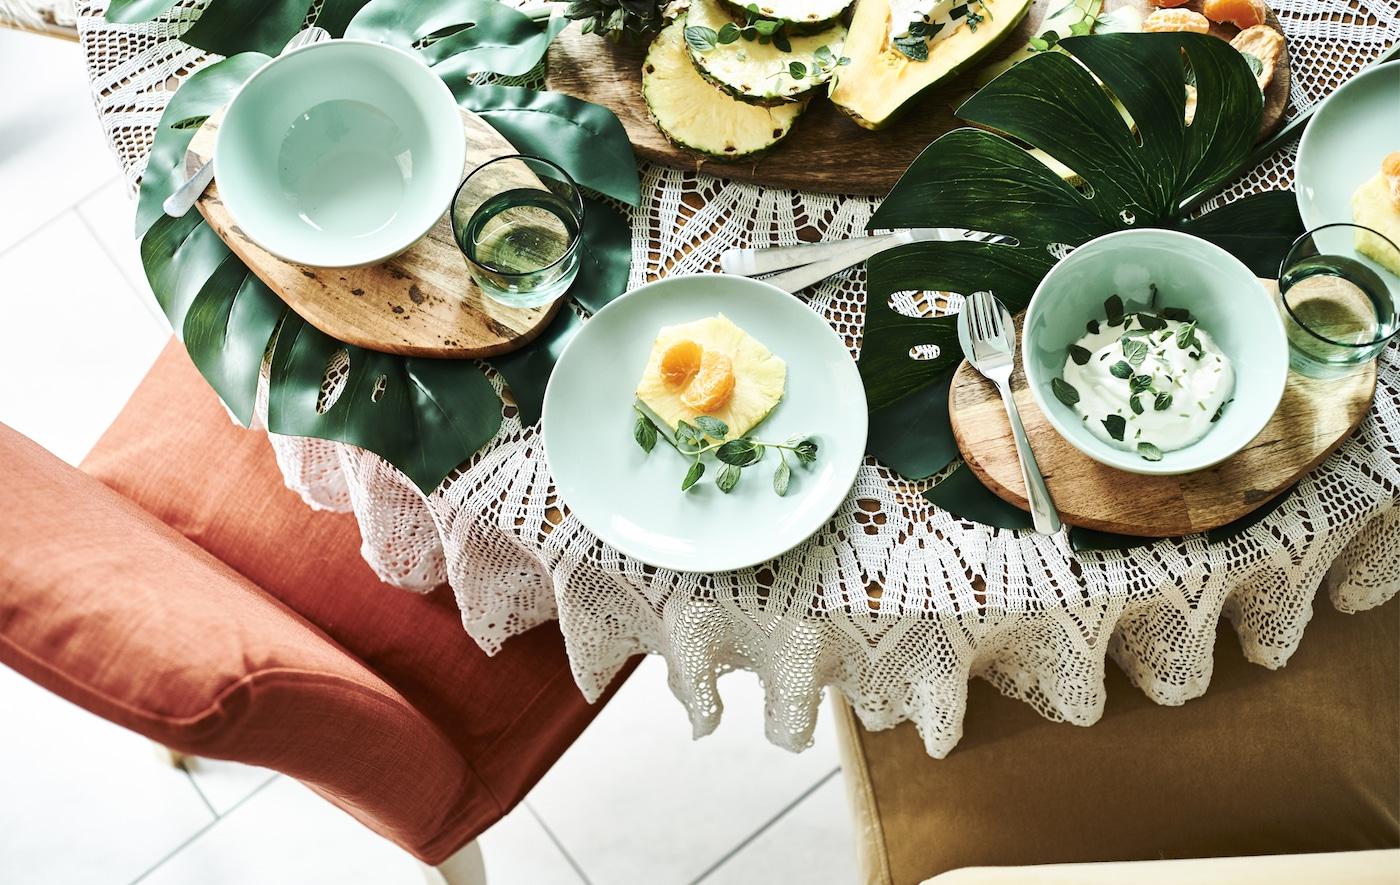 Frutta e yogurt su una tavola apparecchiata con foglie grandi, taglieri in legno e piatti verde pastello - IKEA